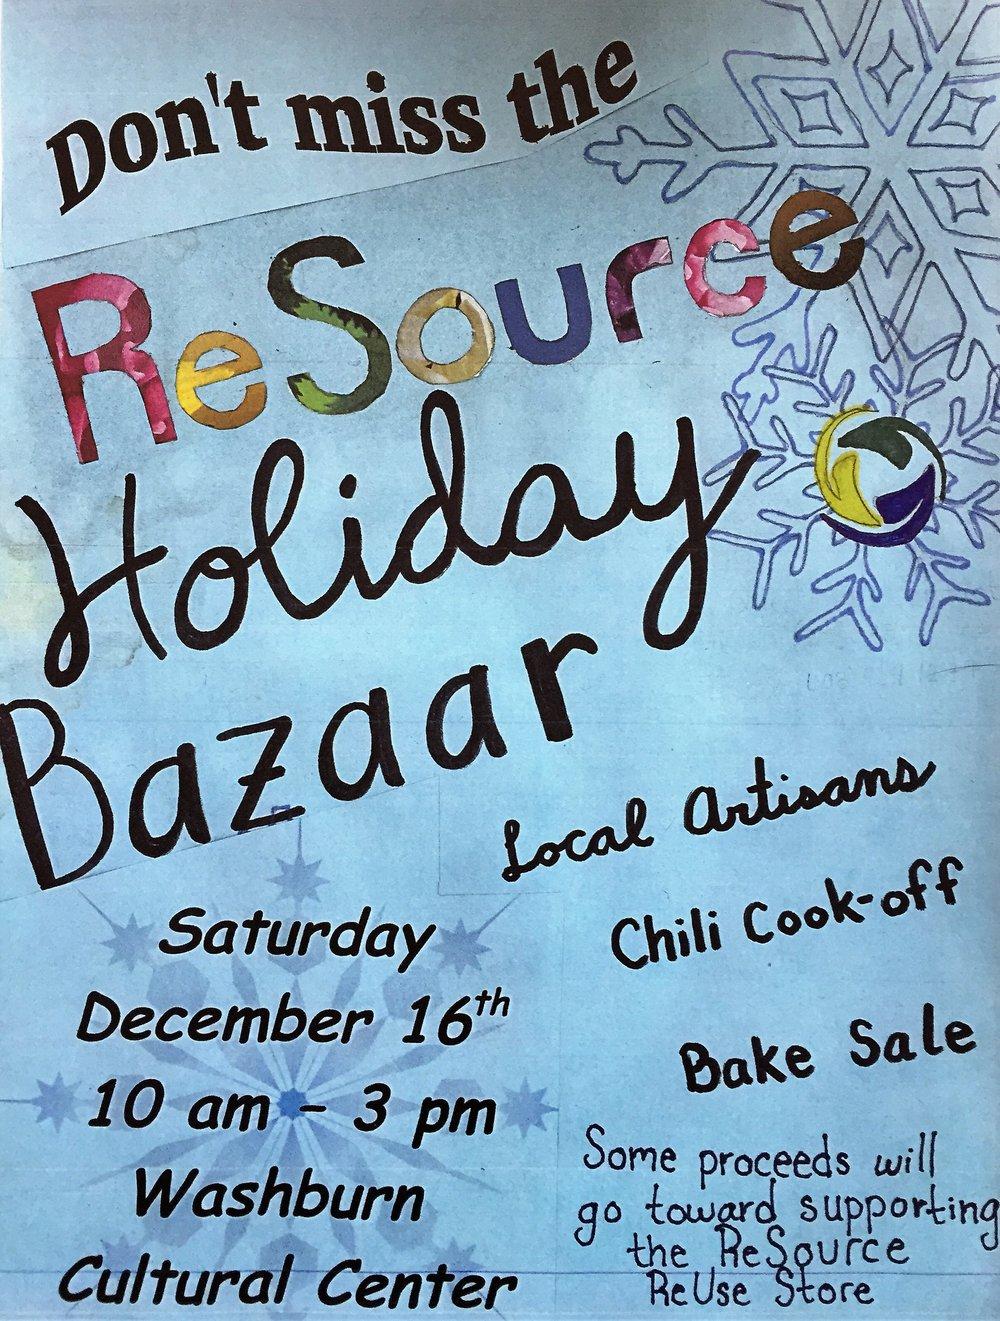 Resource Boutique Flyer.jpg